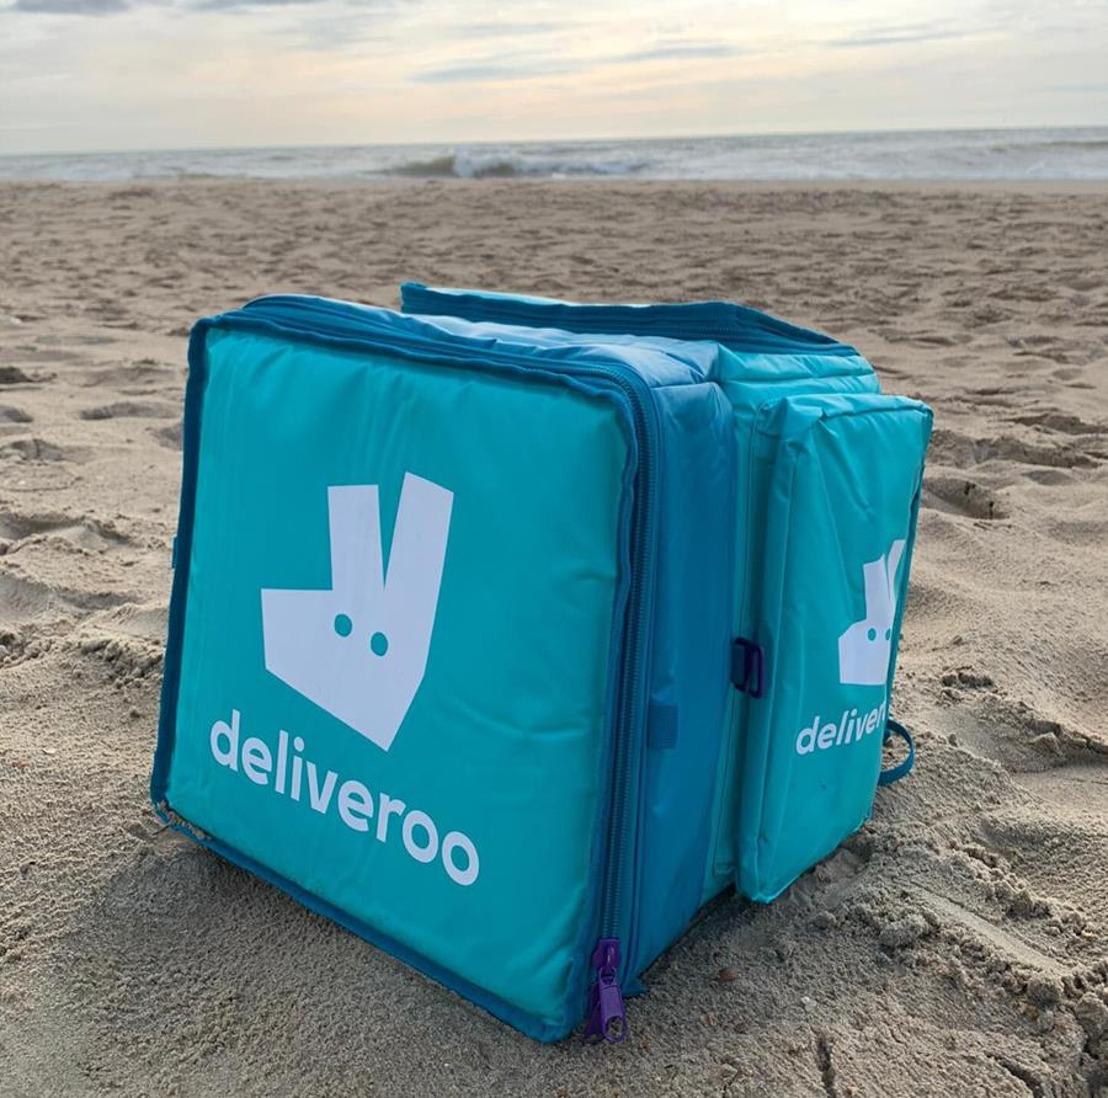 Deliveroo is vanaf vandaag beschikbaar in Oostende!